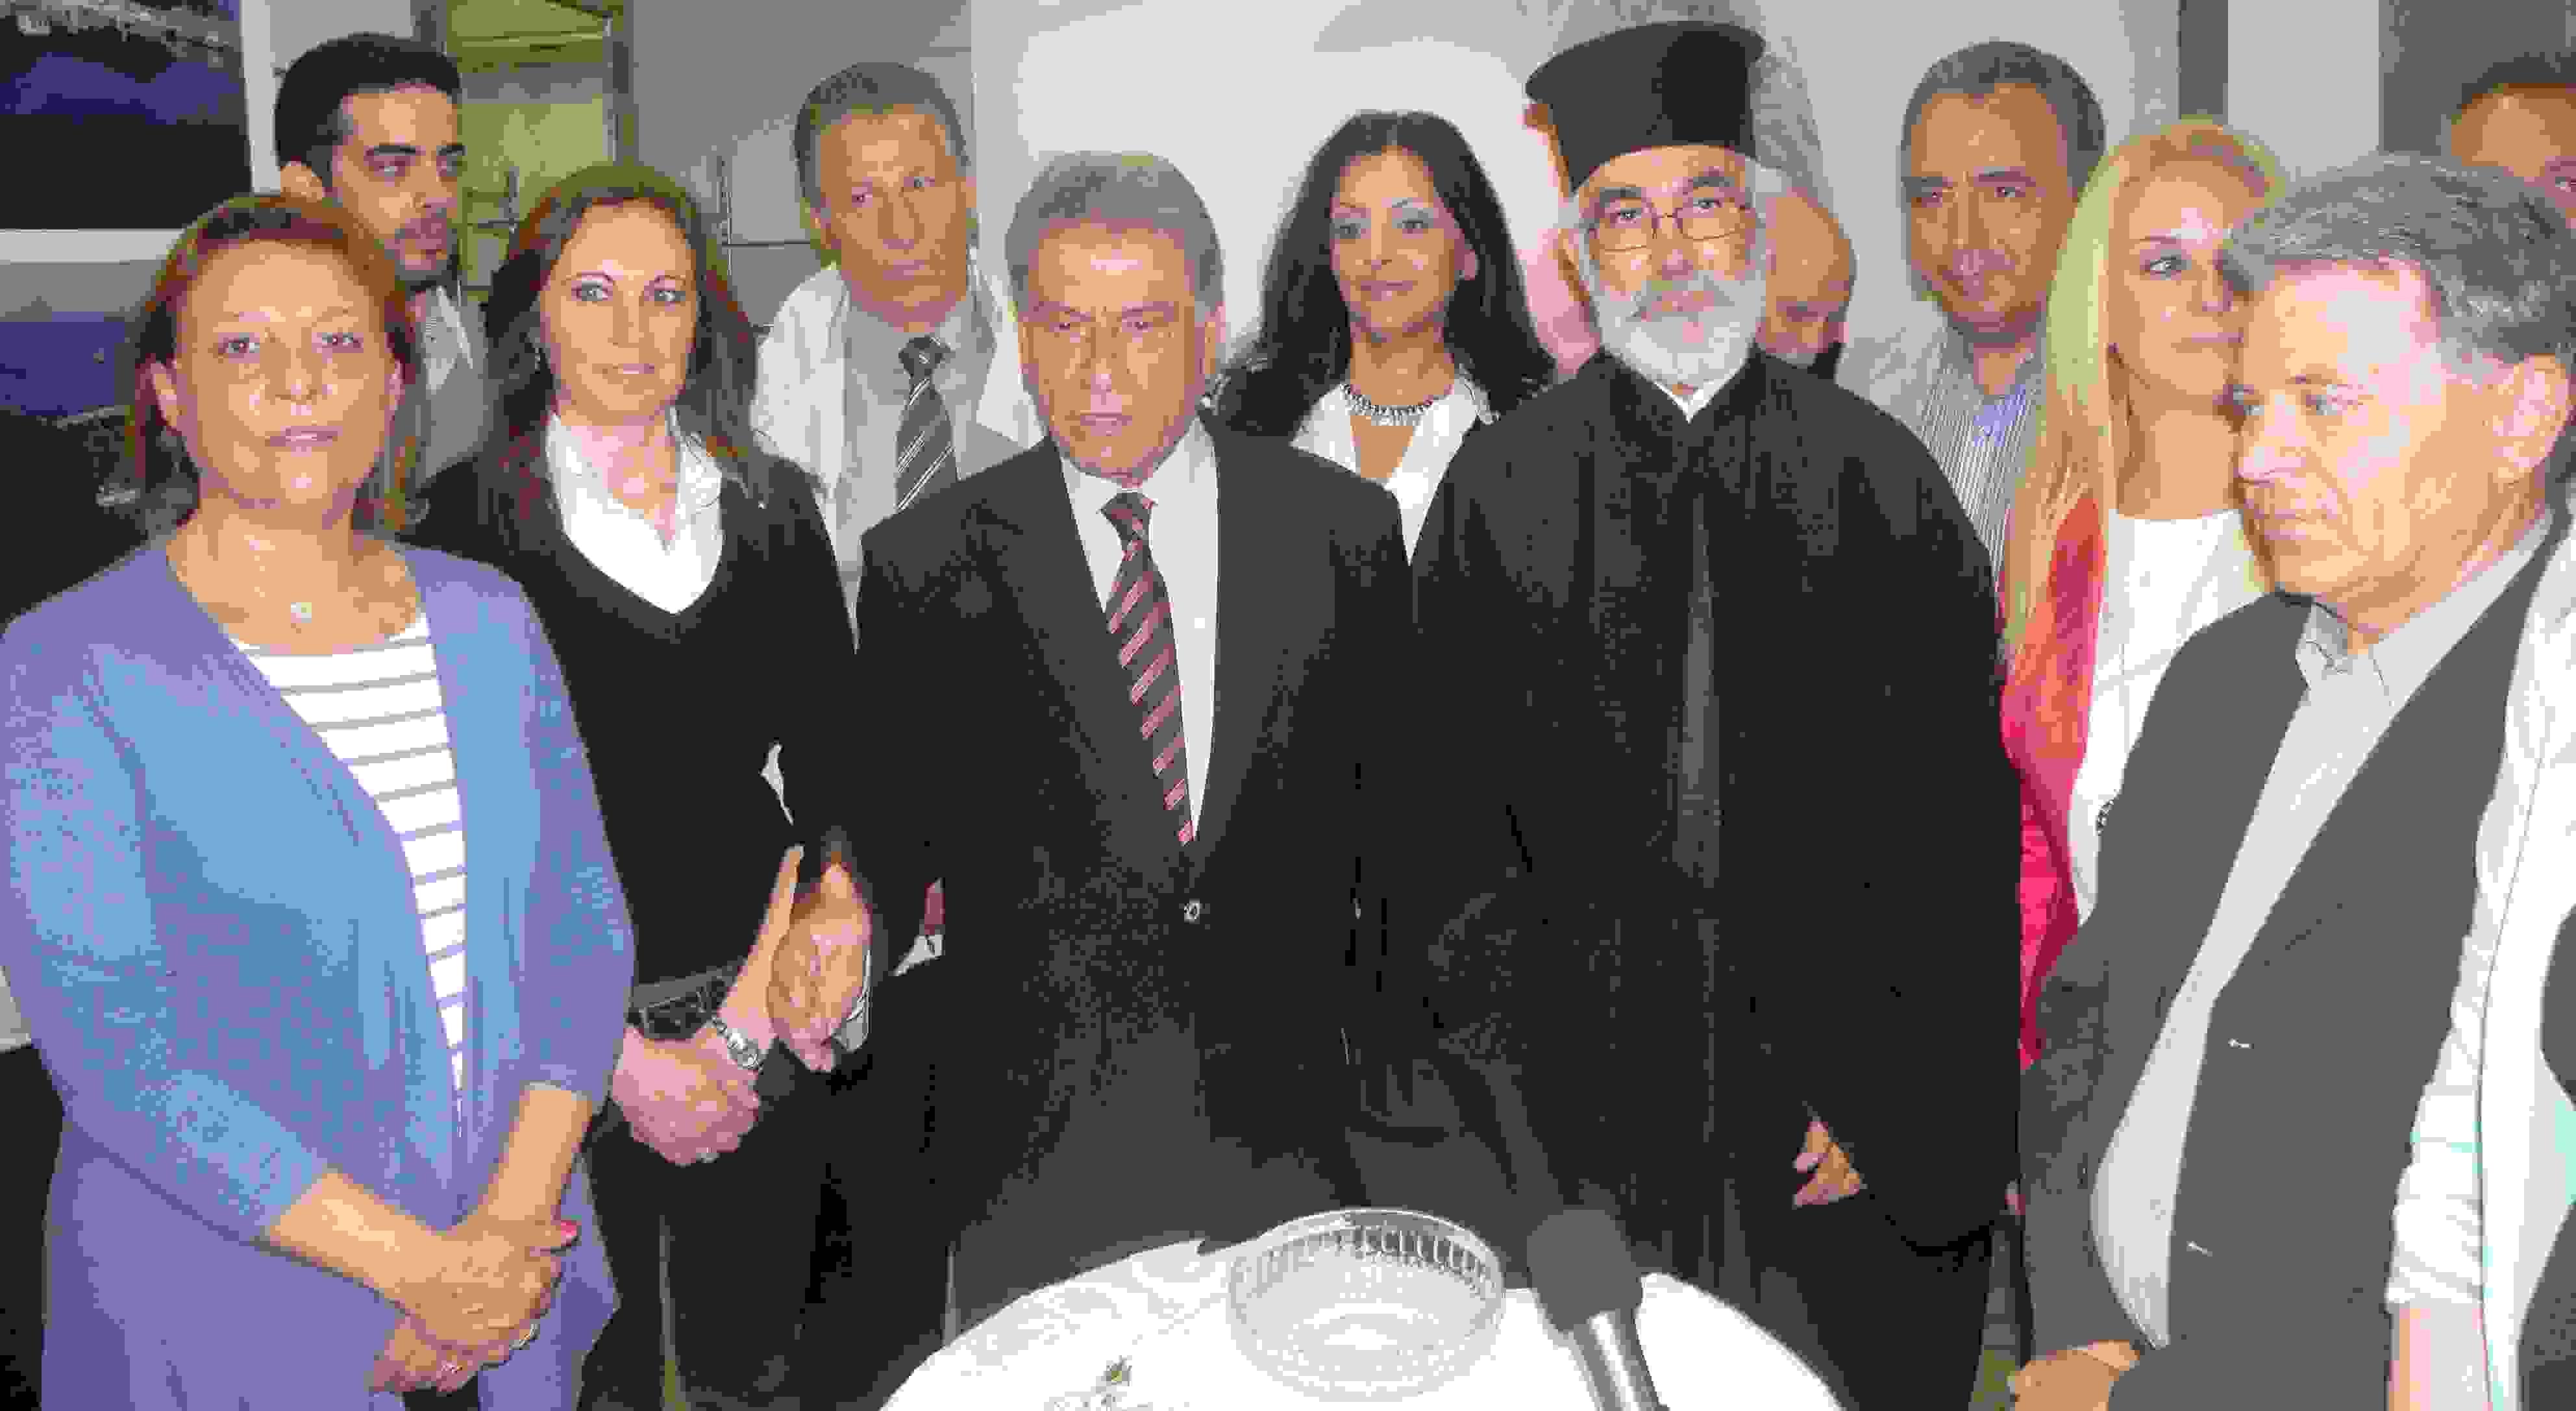 Έγιναν τα εγκαίνια Εκλογικού Κέντρου στην Κέρκυρα    Σπ. Σπύρου: «Είμαστε ο συνδυασμός της νίκης»